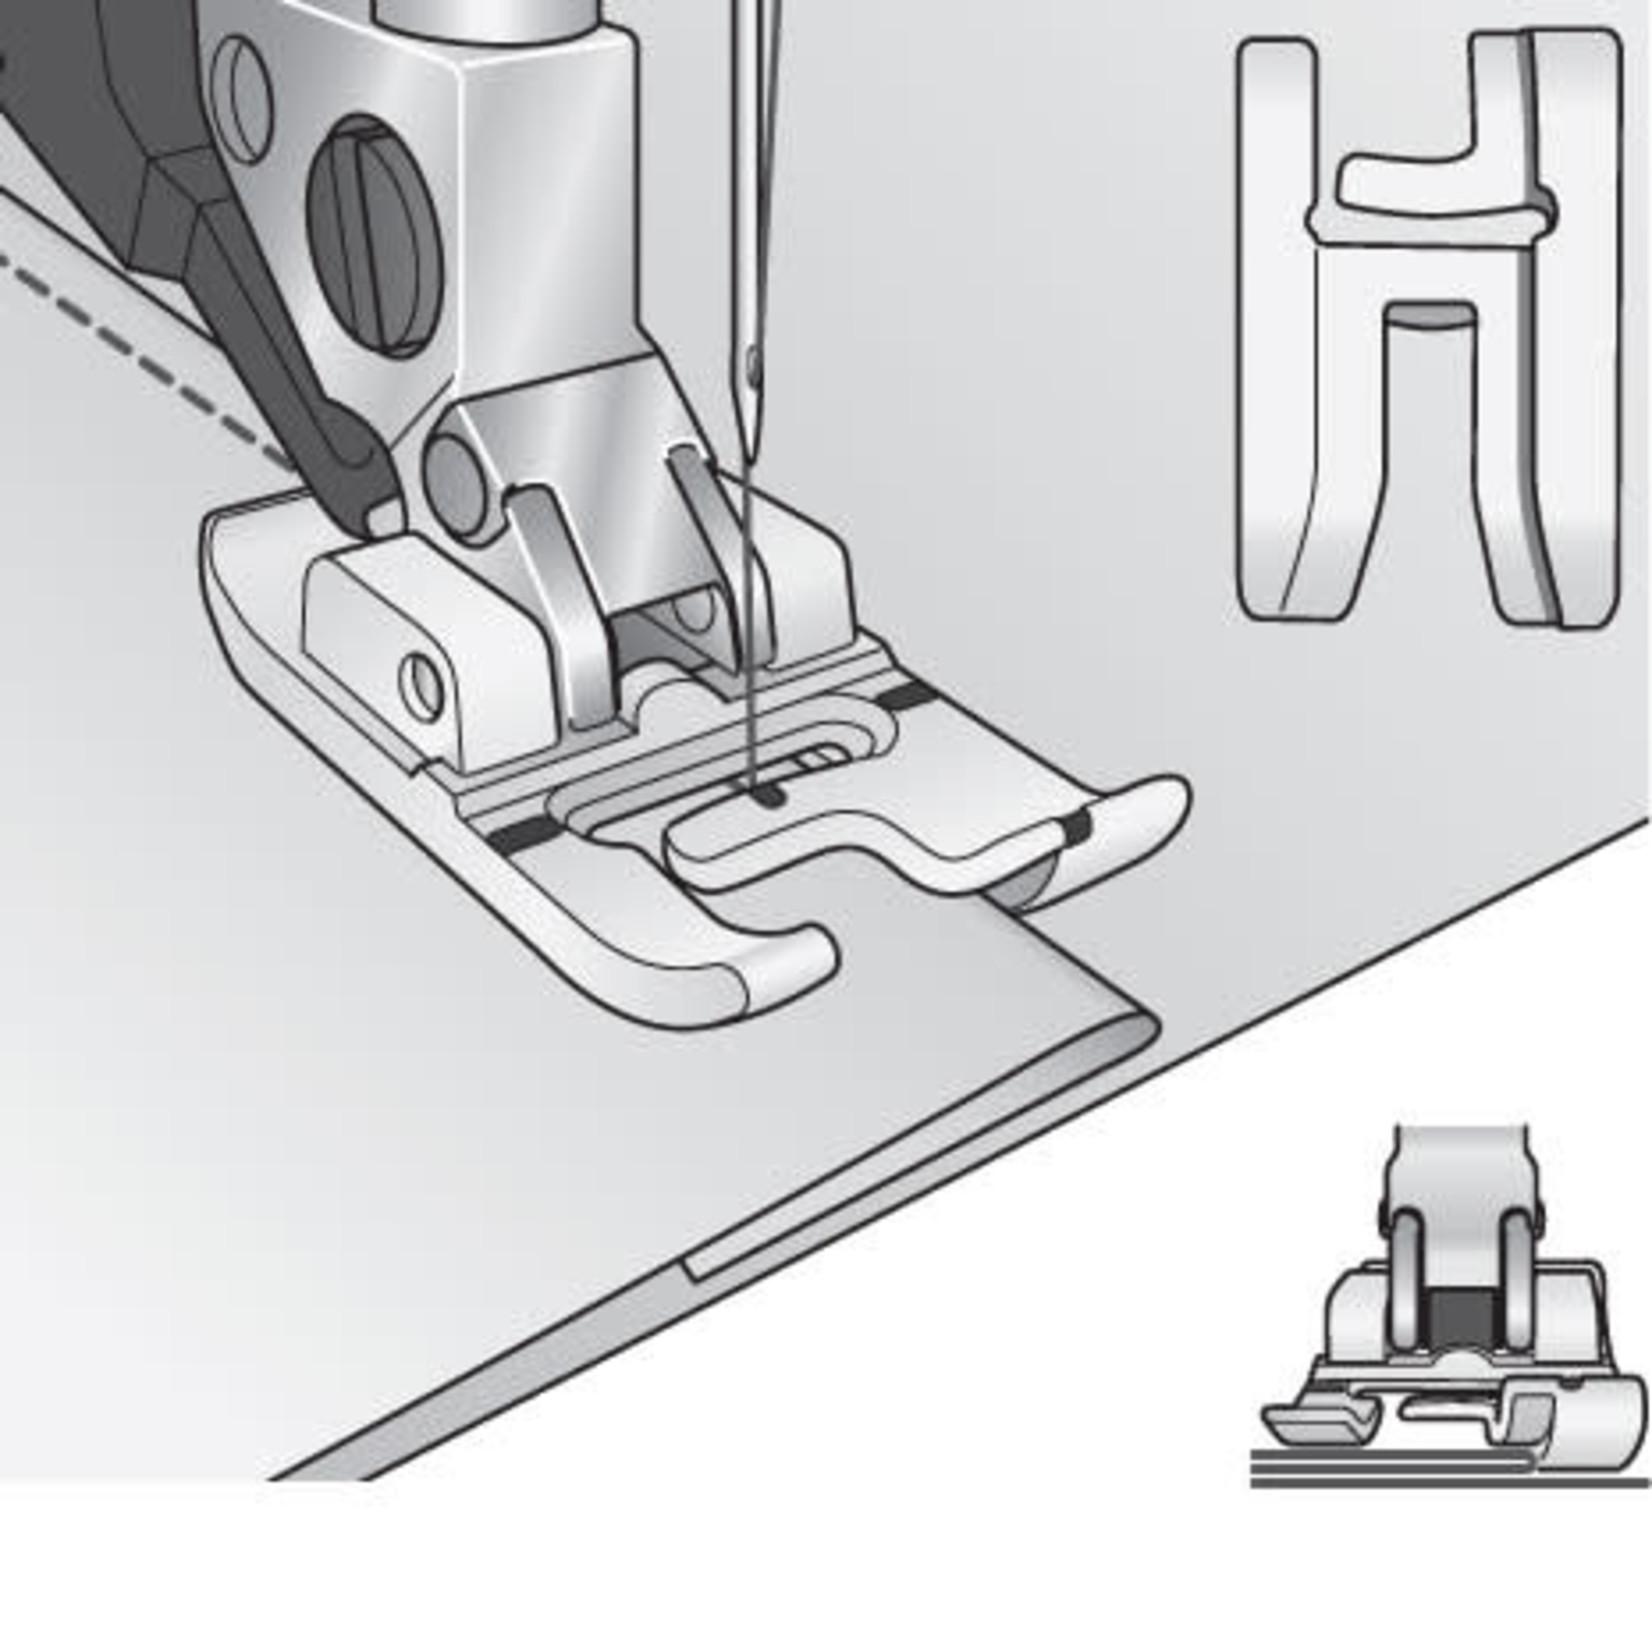 Pfaff Right Edge Bi-level Foot for IDT (D, E, G, J, K)